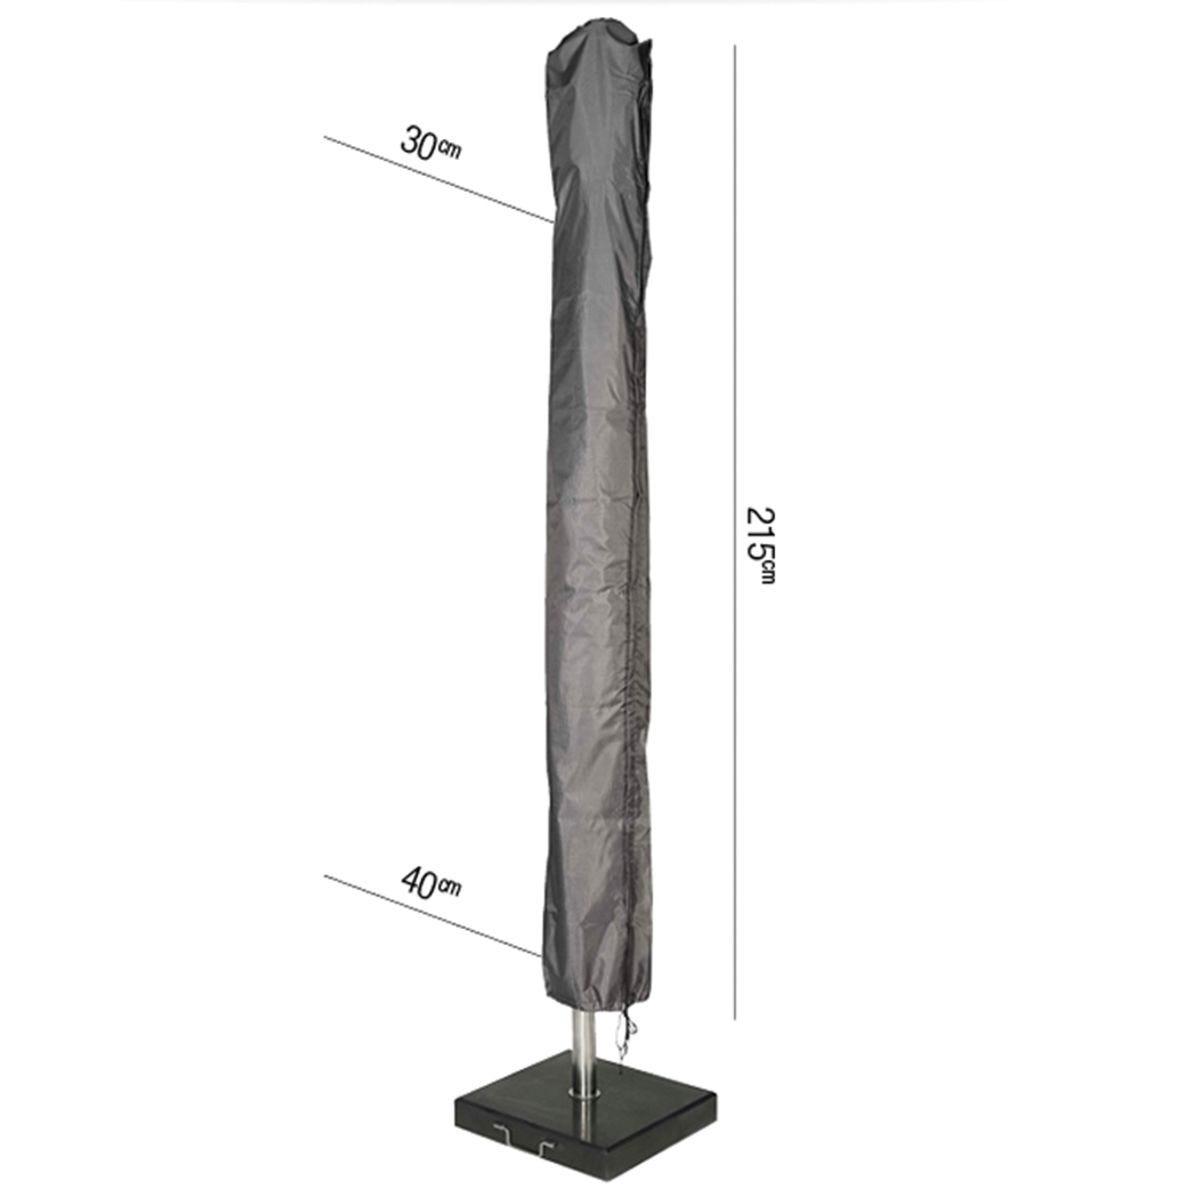 Parasol Aerocover 215 x 30/40cm